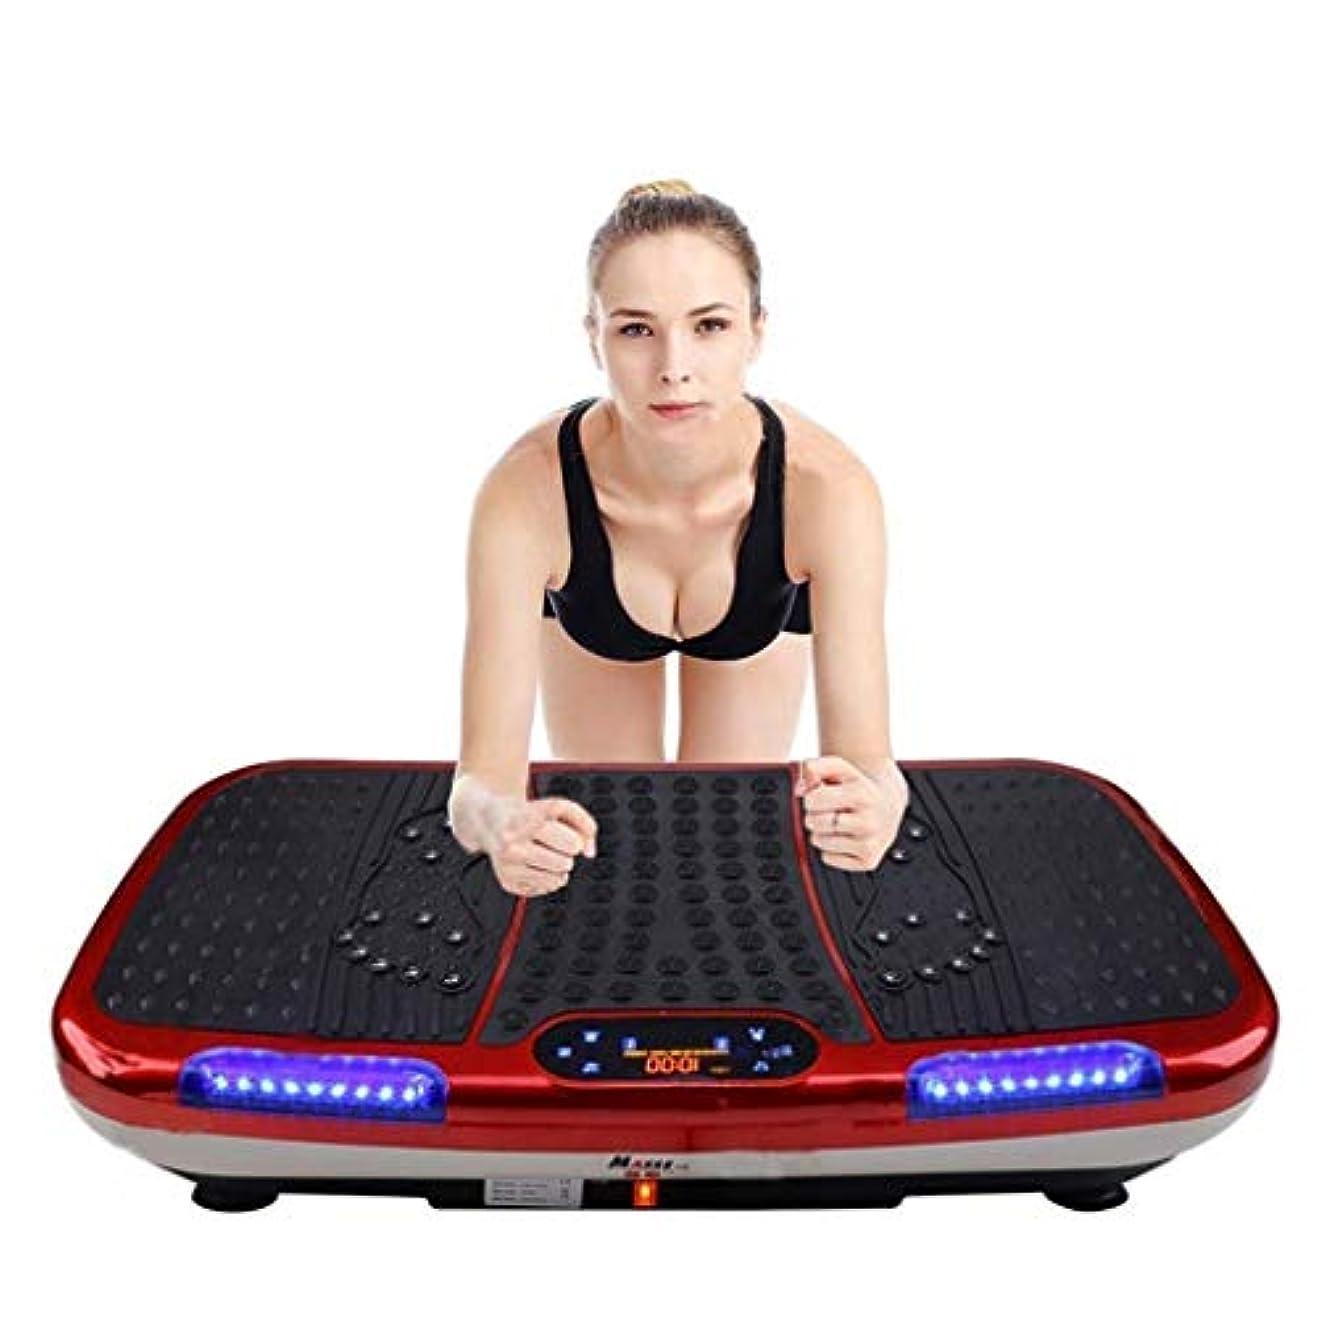 櫛洞察力のある愚か家庭用減量装置、フィットネス振動トレーナー、Bluetooth音楽スピーカー、身体振動マッサージボード、男女兼用、過剰脂肪削減